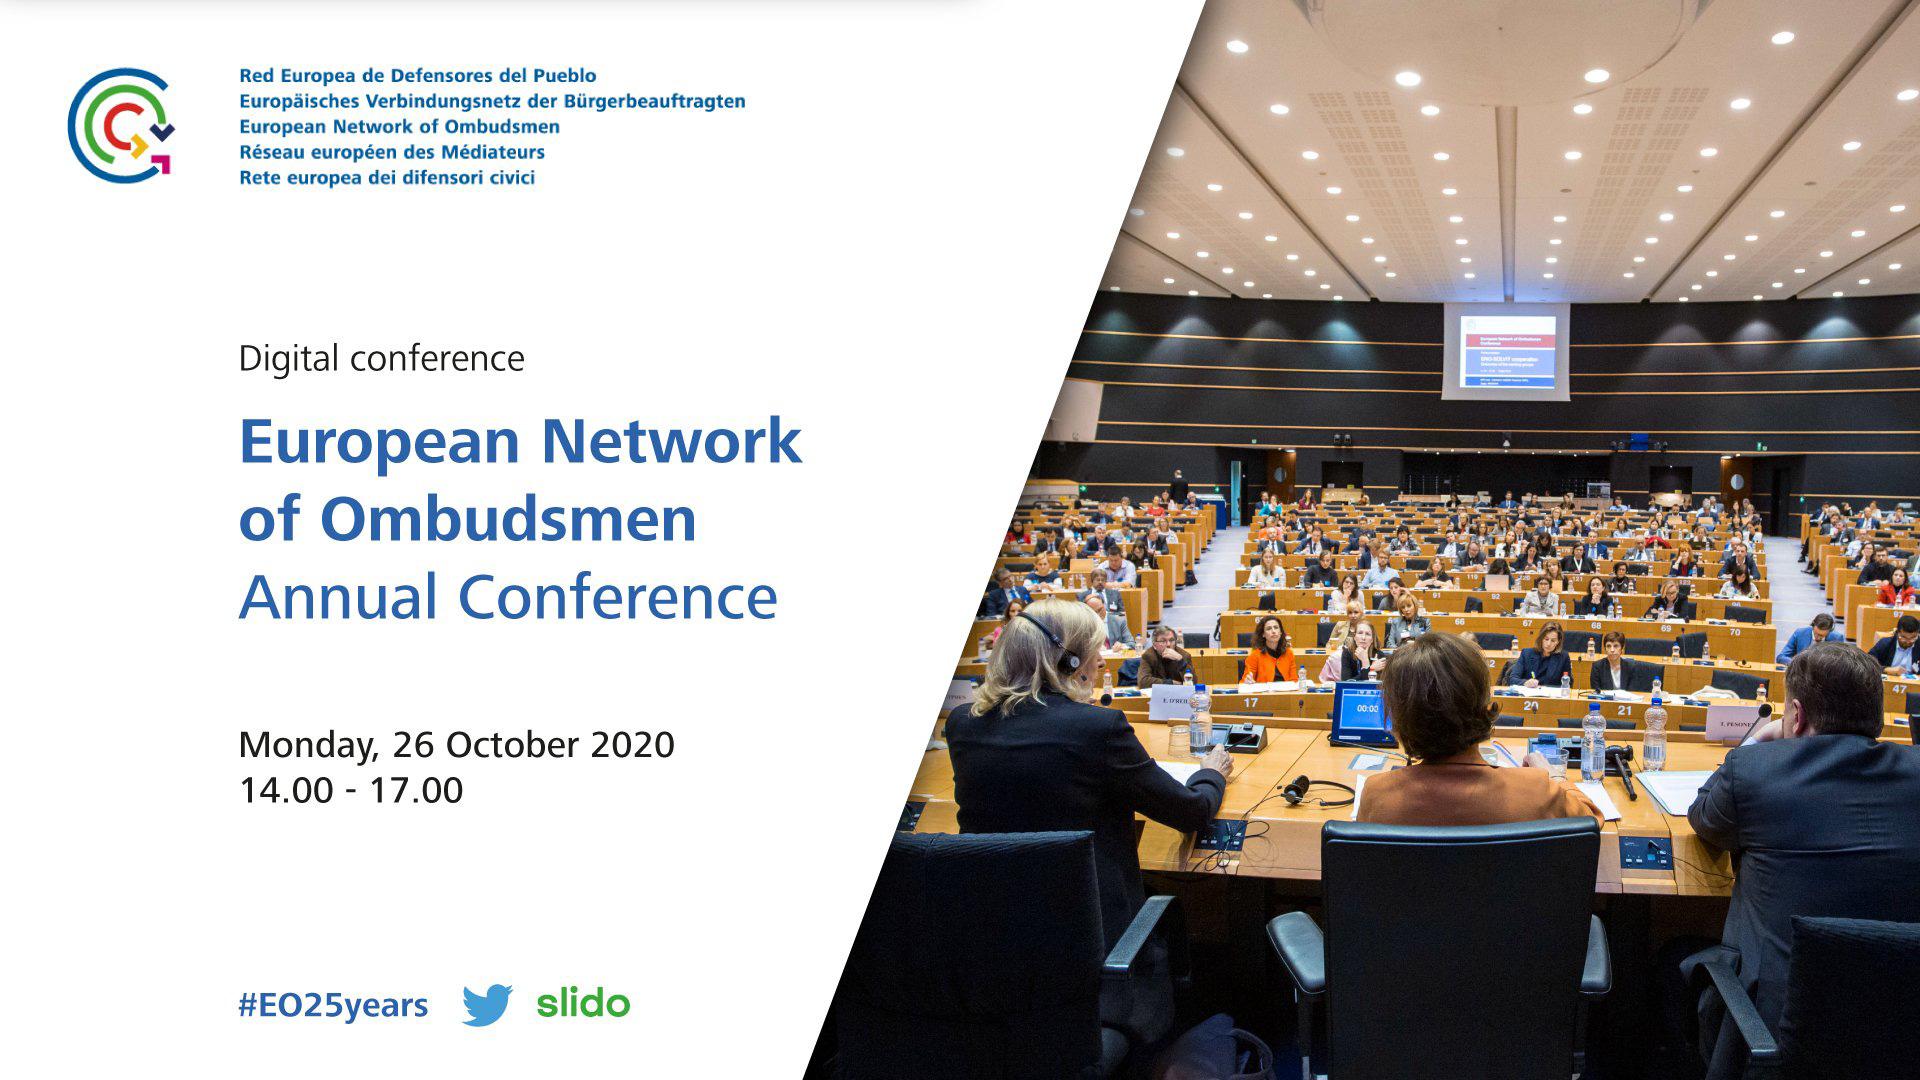 Det europæiske netværk af ombudsmænd